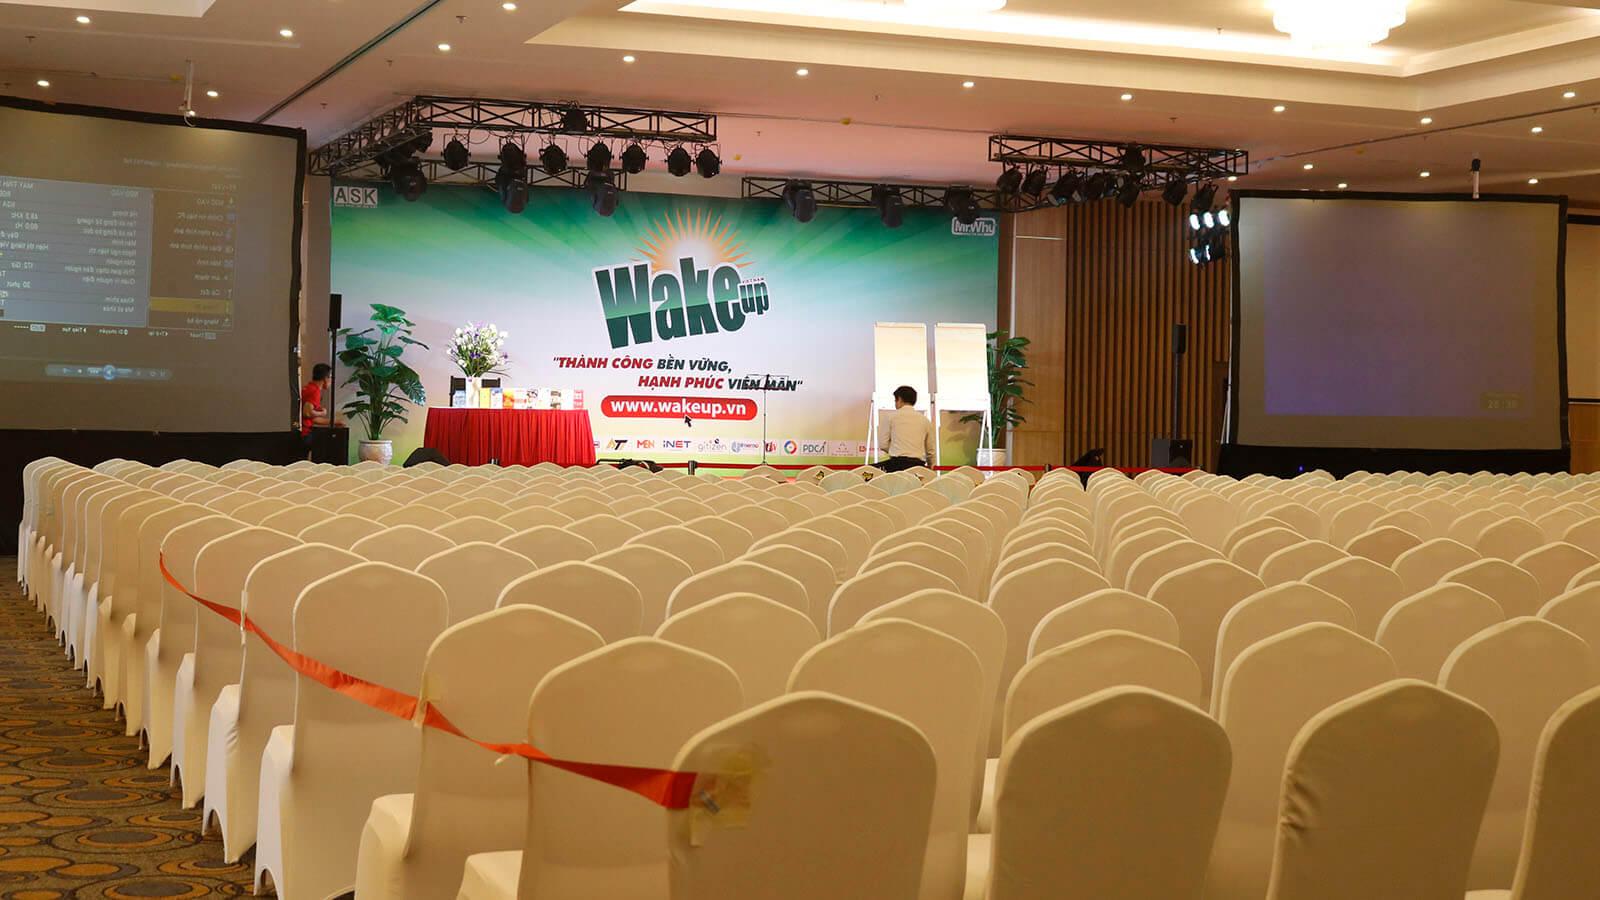 Thông báo địa điểm khóa Wake Up 18 – Hồ Chí Minh